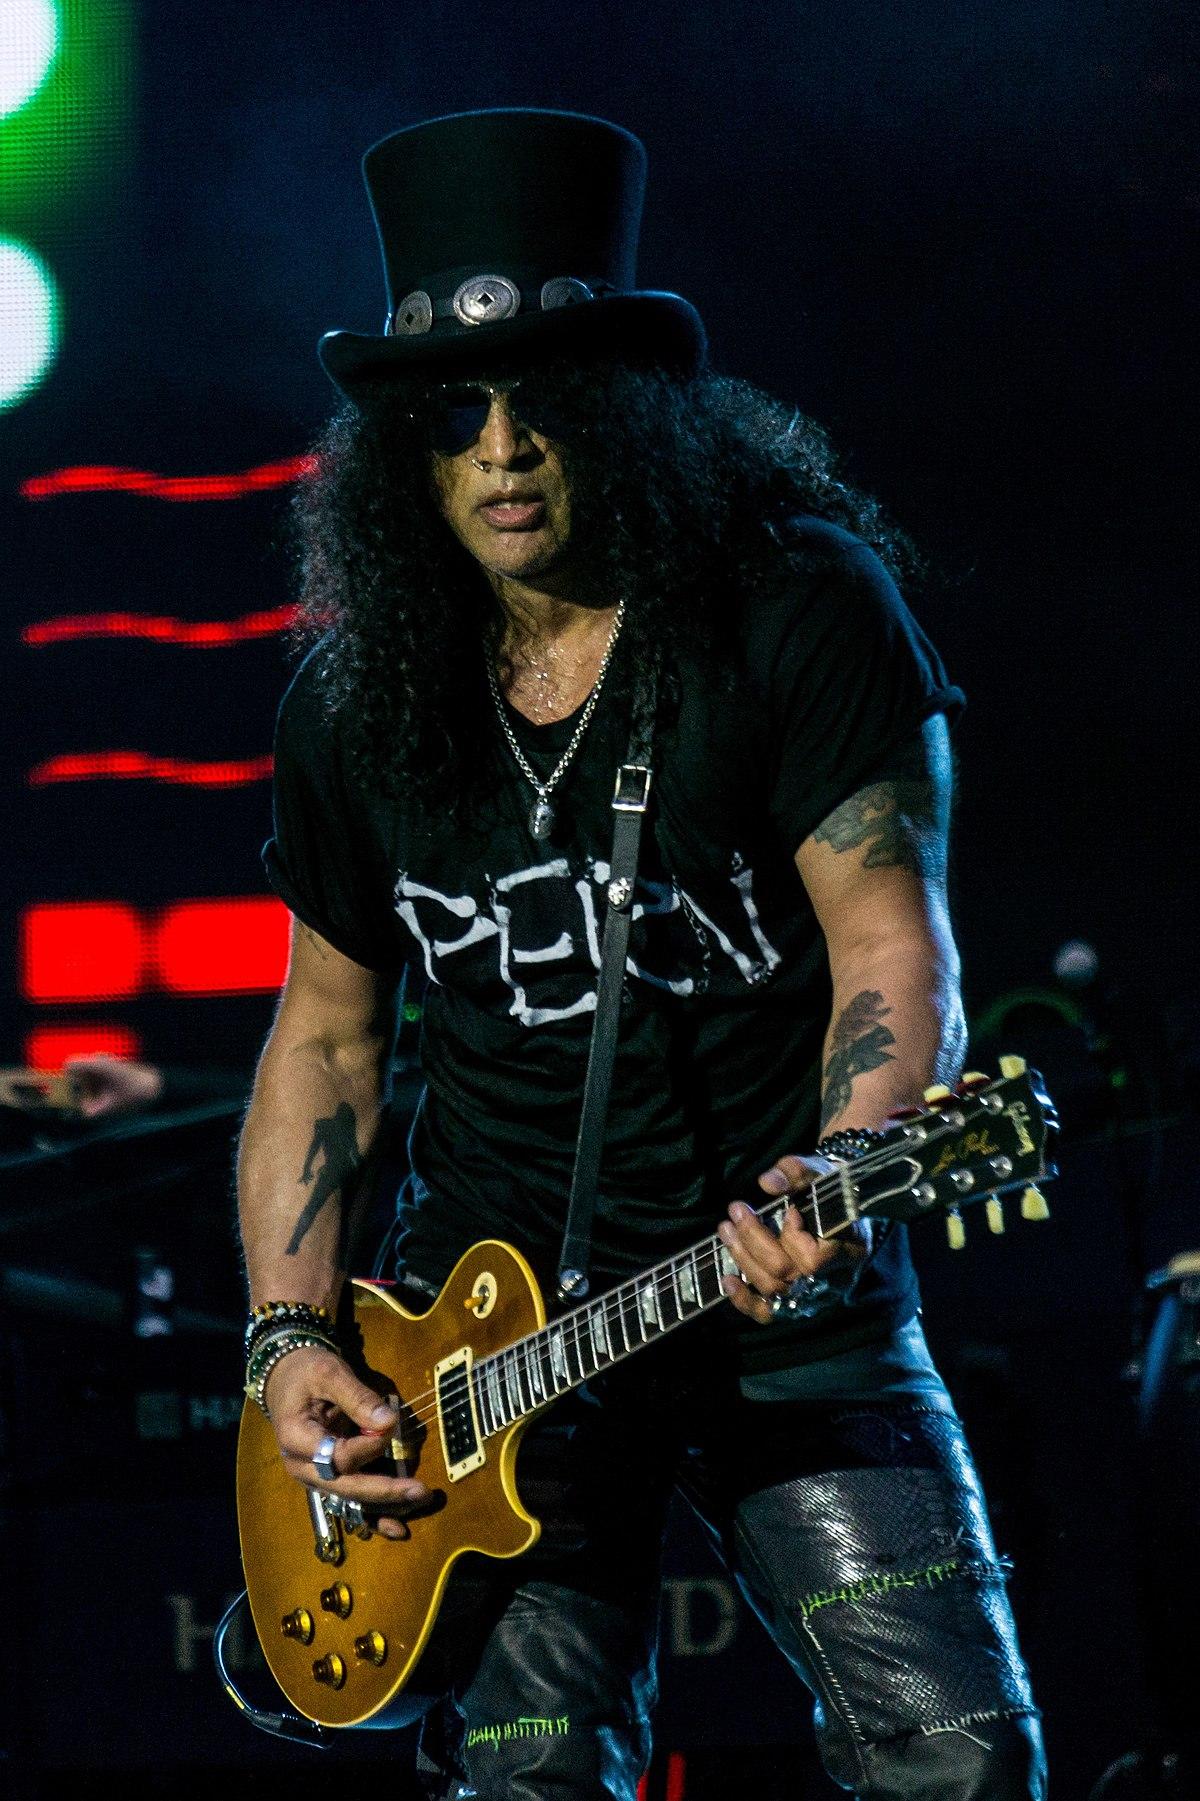 1200px Slash Guitarist of Guns N Roses in 2017